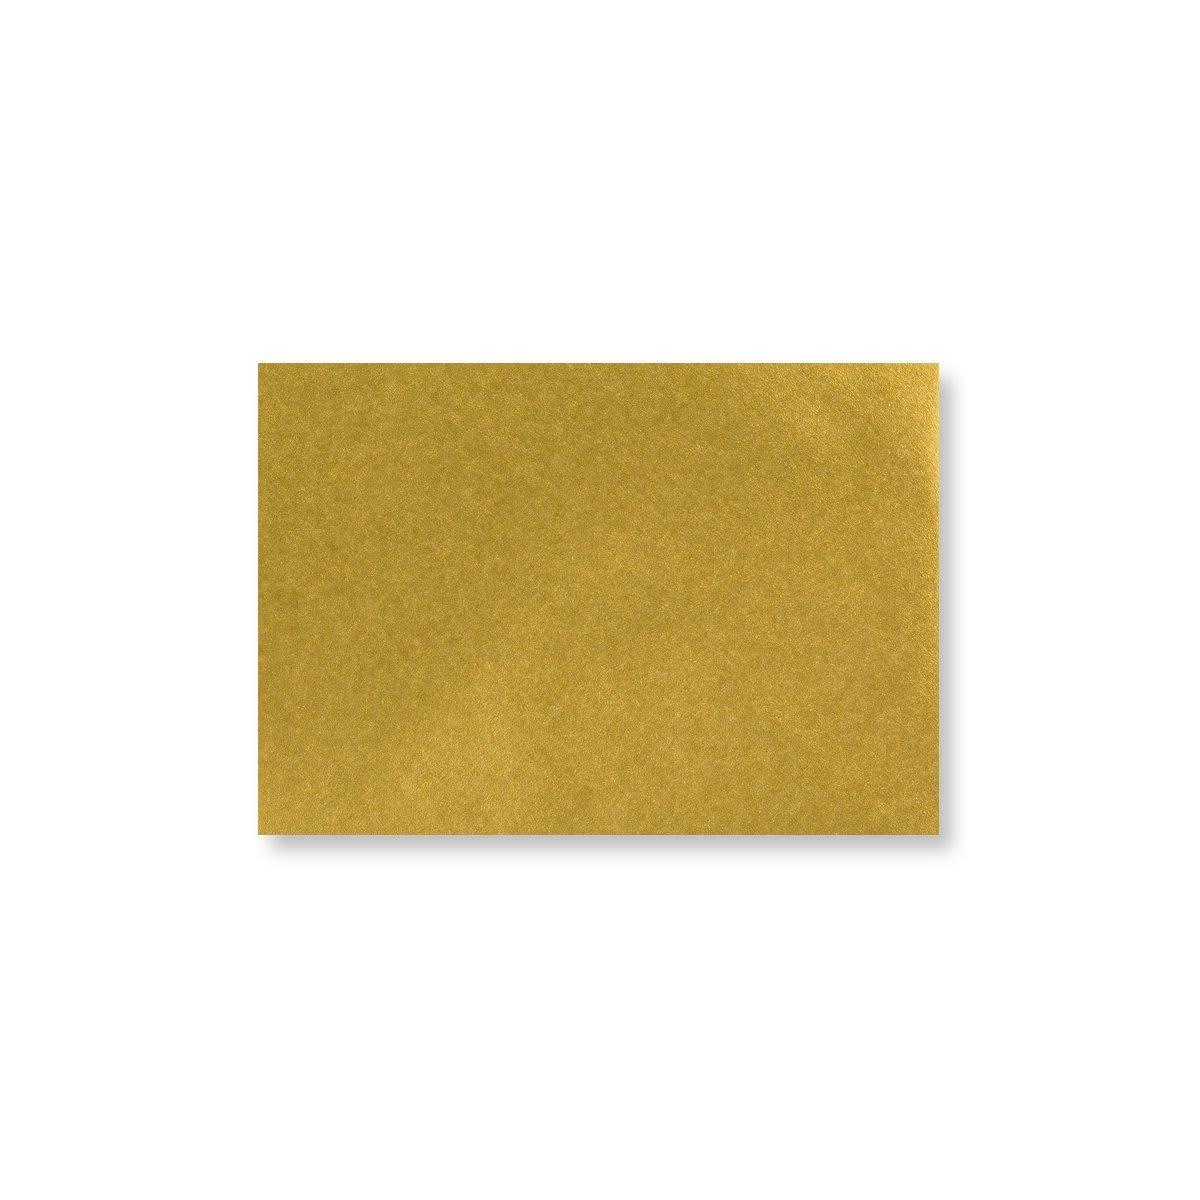 METALLIC GOLD 70 x 100 mm GIFT TAG ENVELOPE (i2)